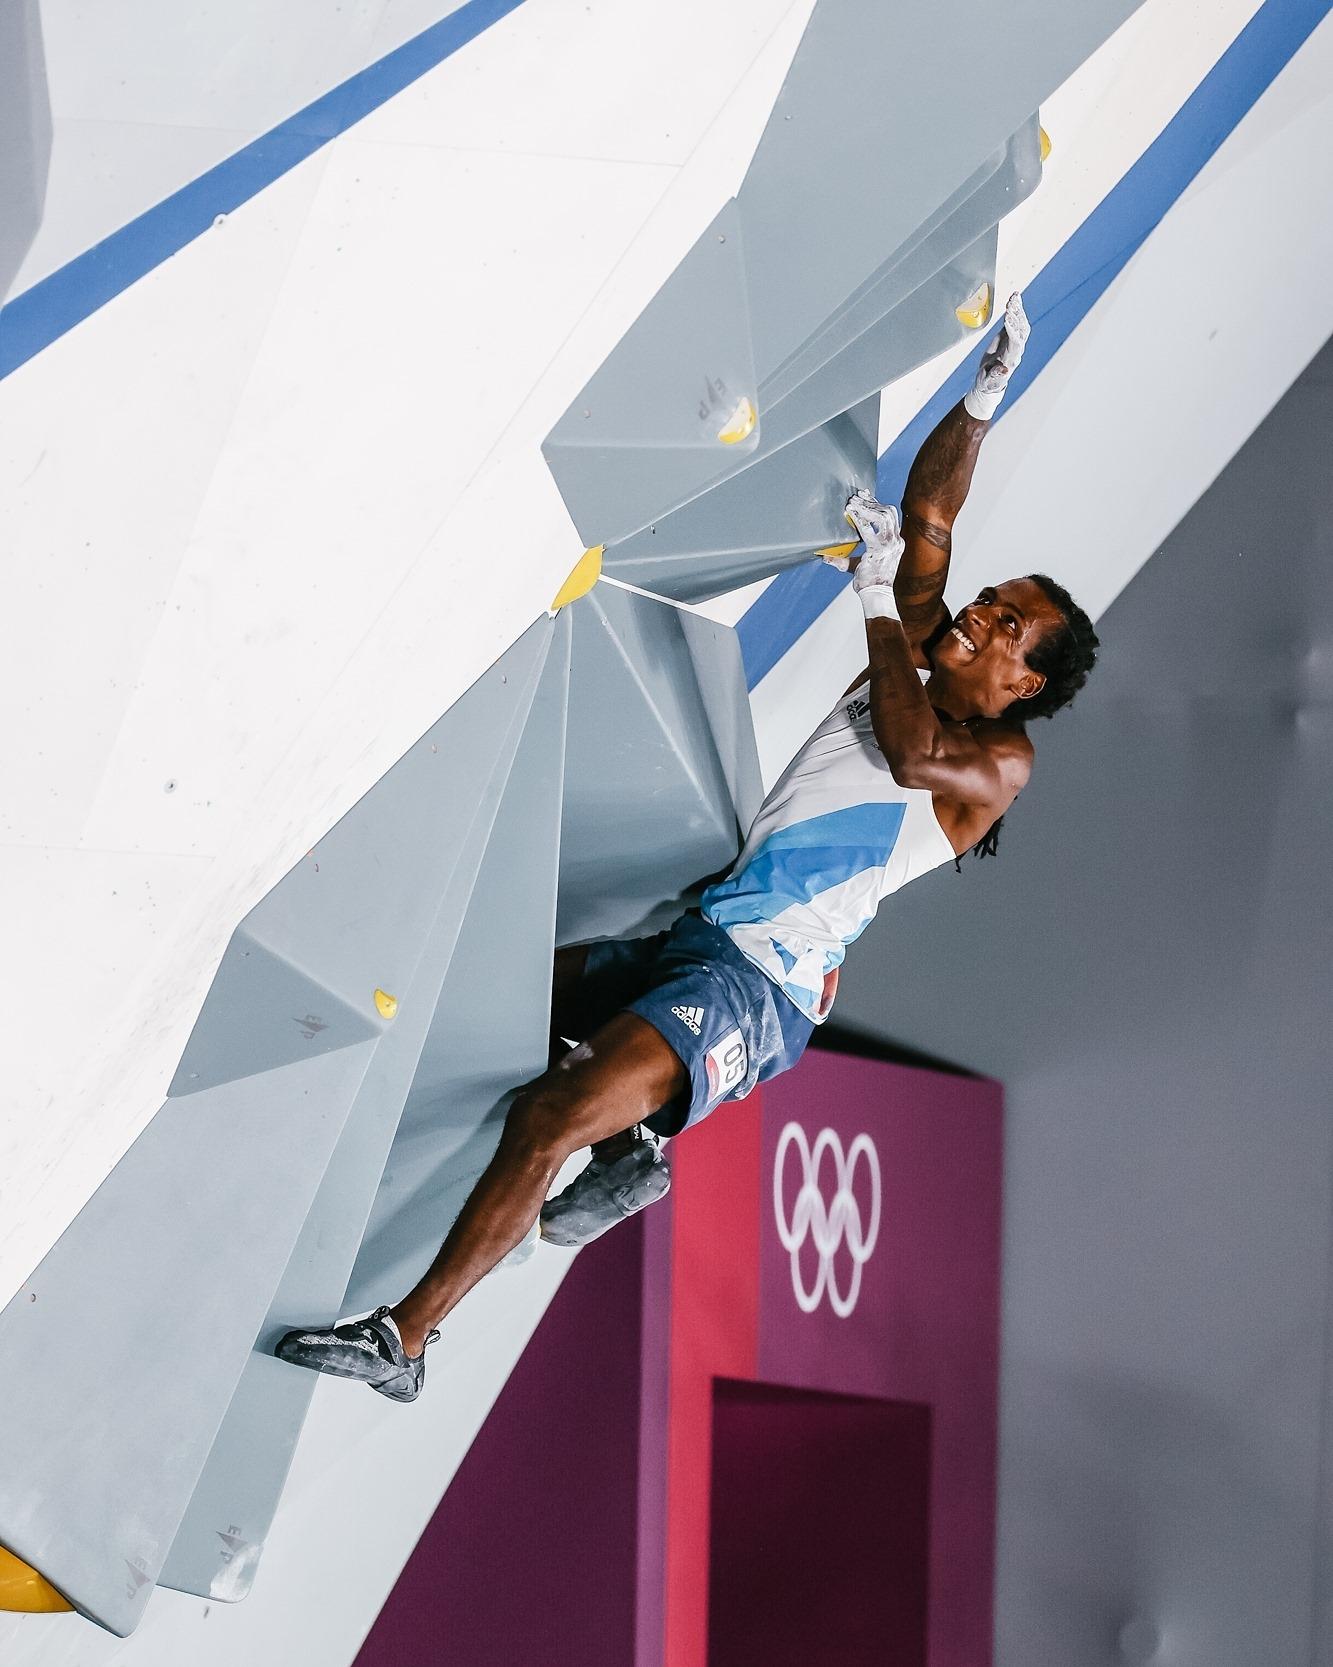 Bilan des Jeux Olympiques d'escalade 2021, Micka Mawem (en photo) termine 5ème de la finale du combiné